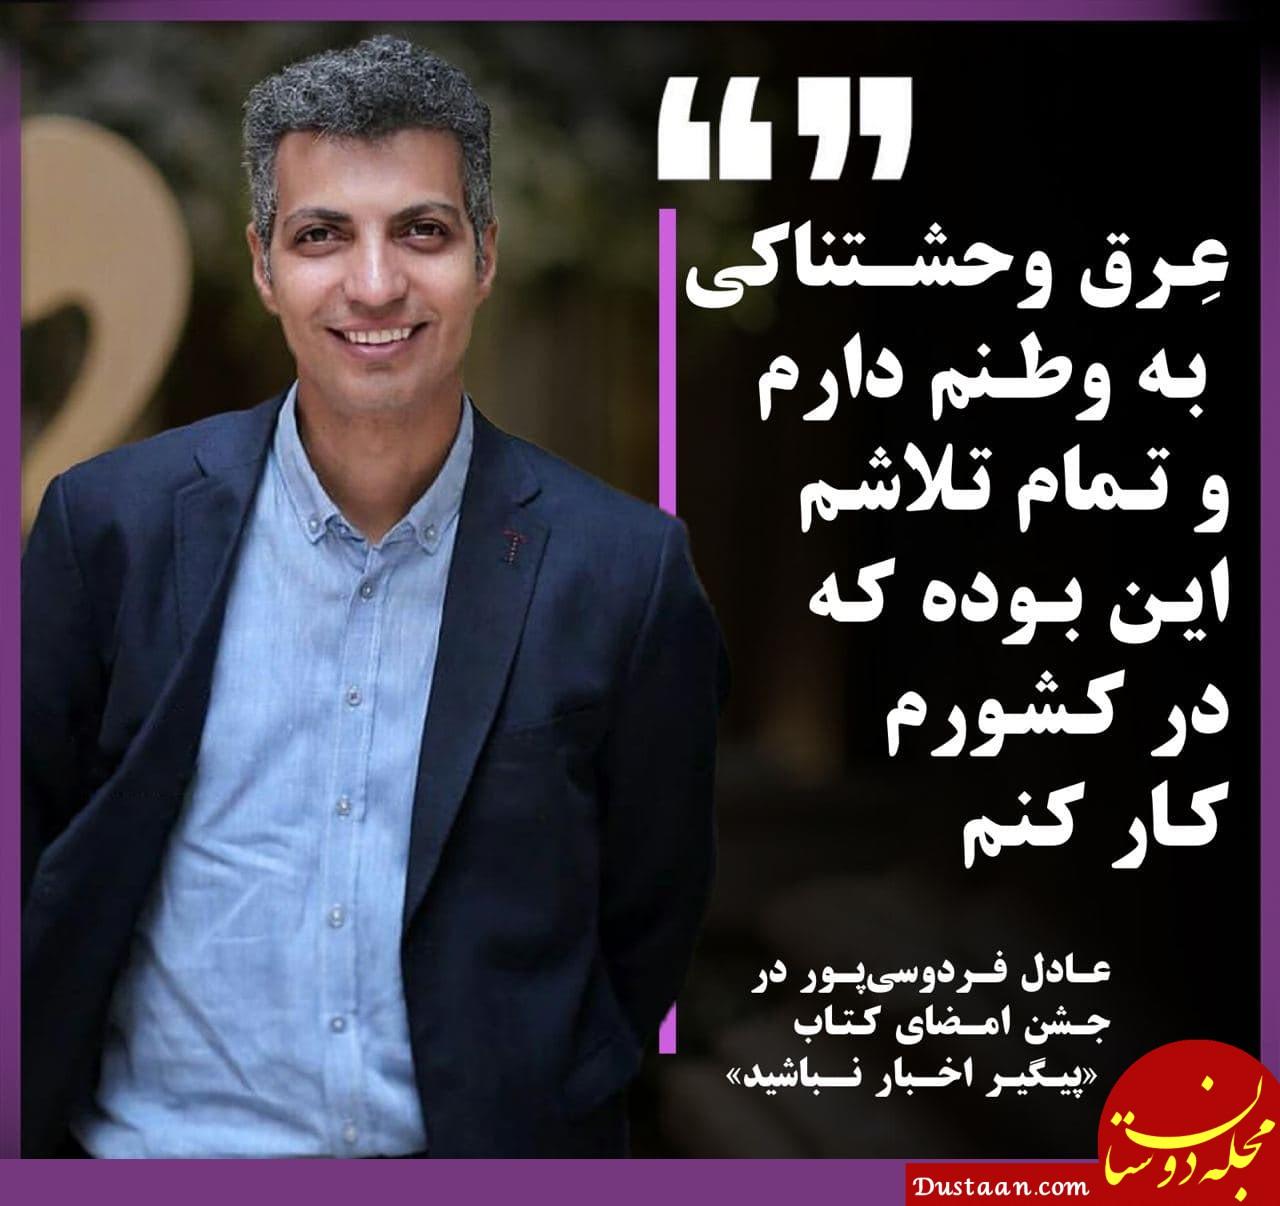 فردوسی پور: دلم خیلی برای گزارشگری تنگ شده است